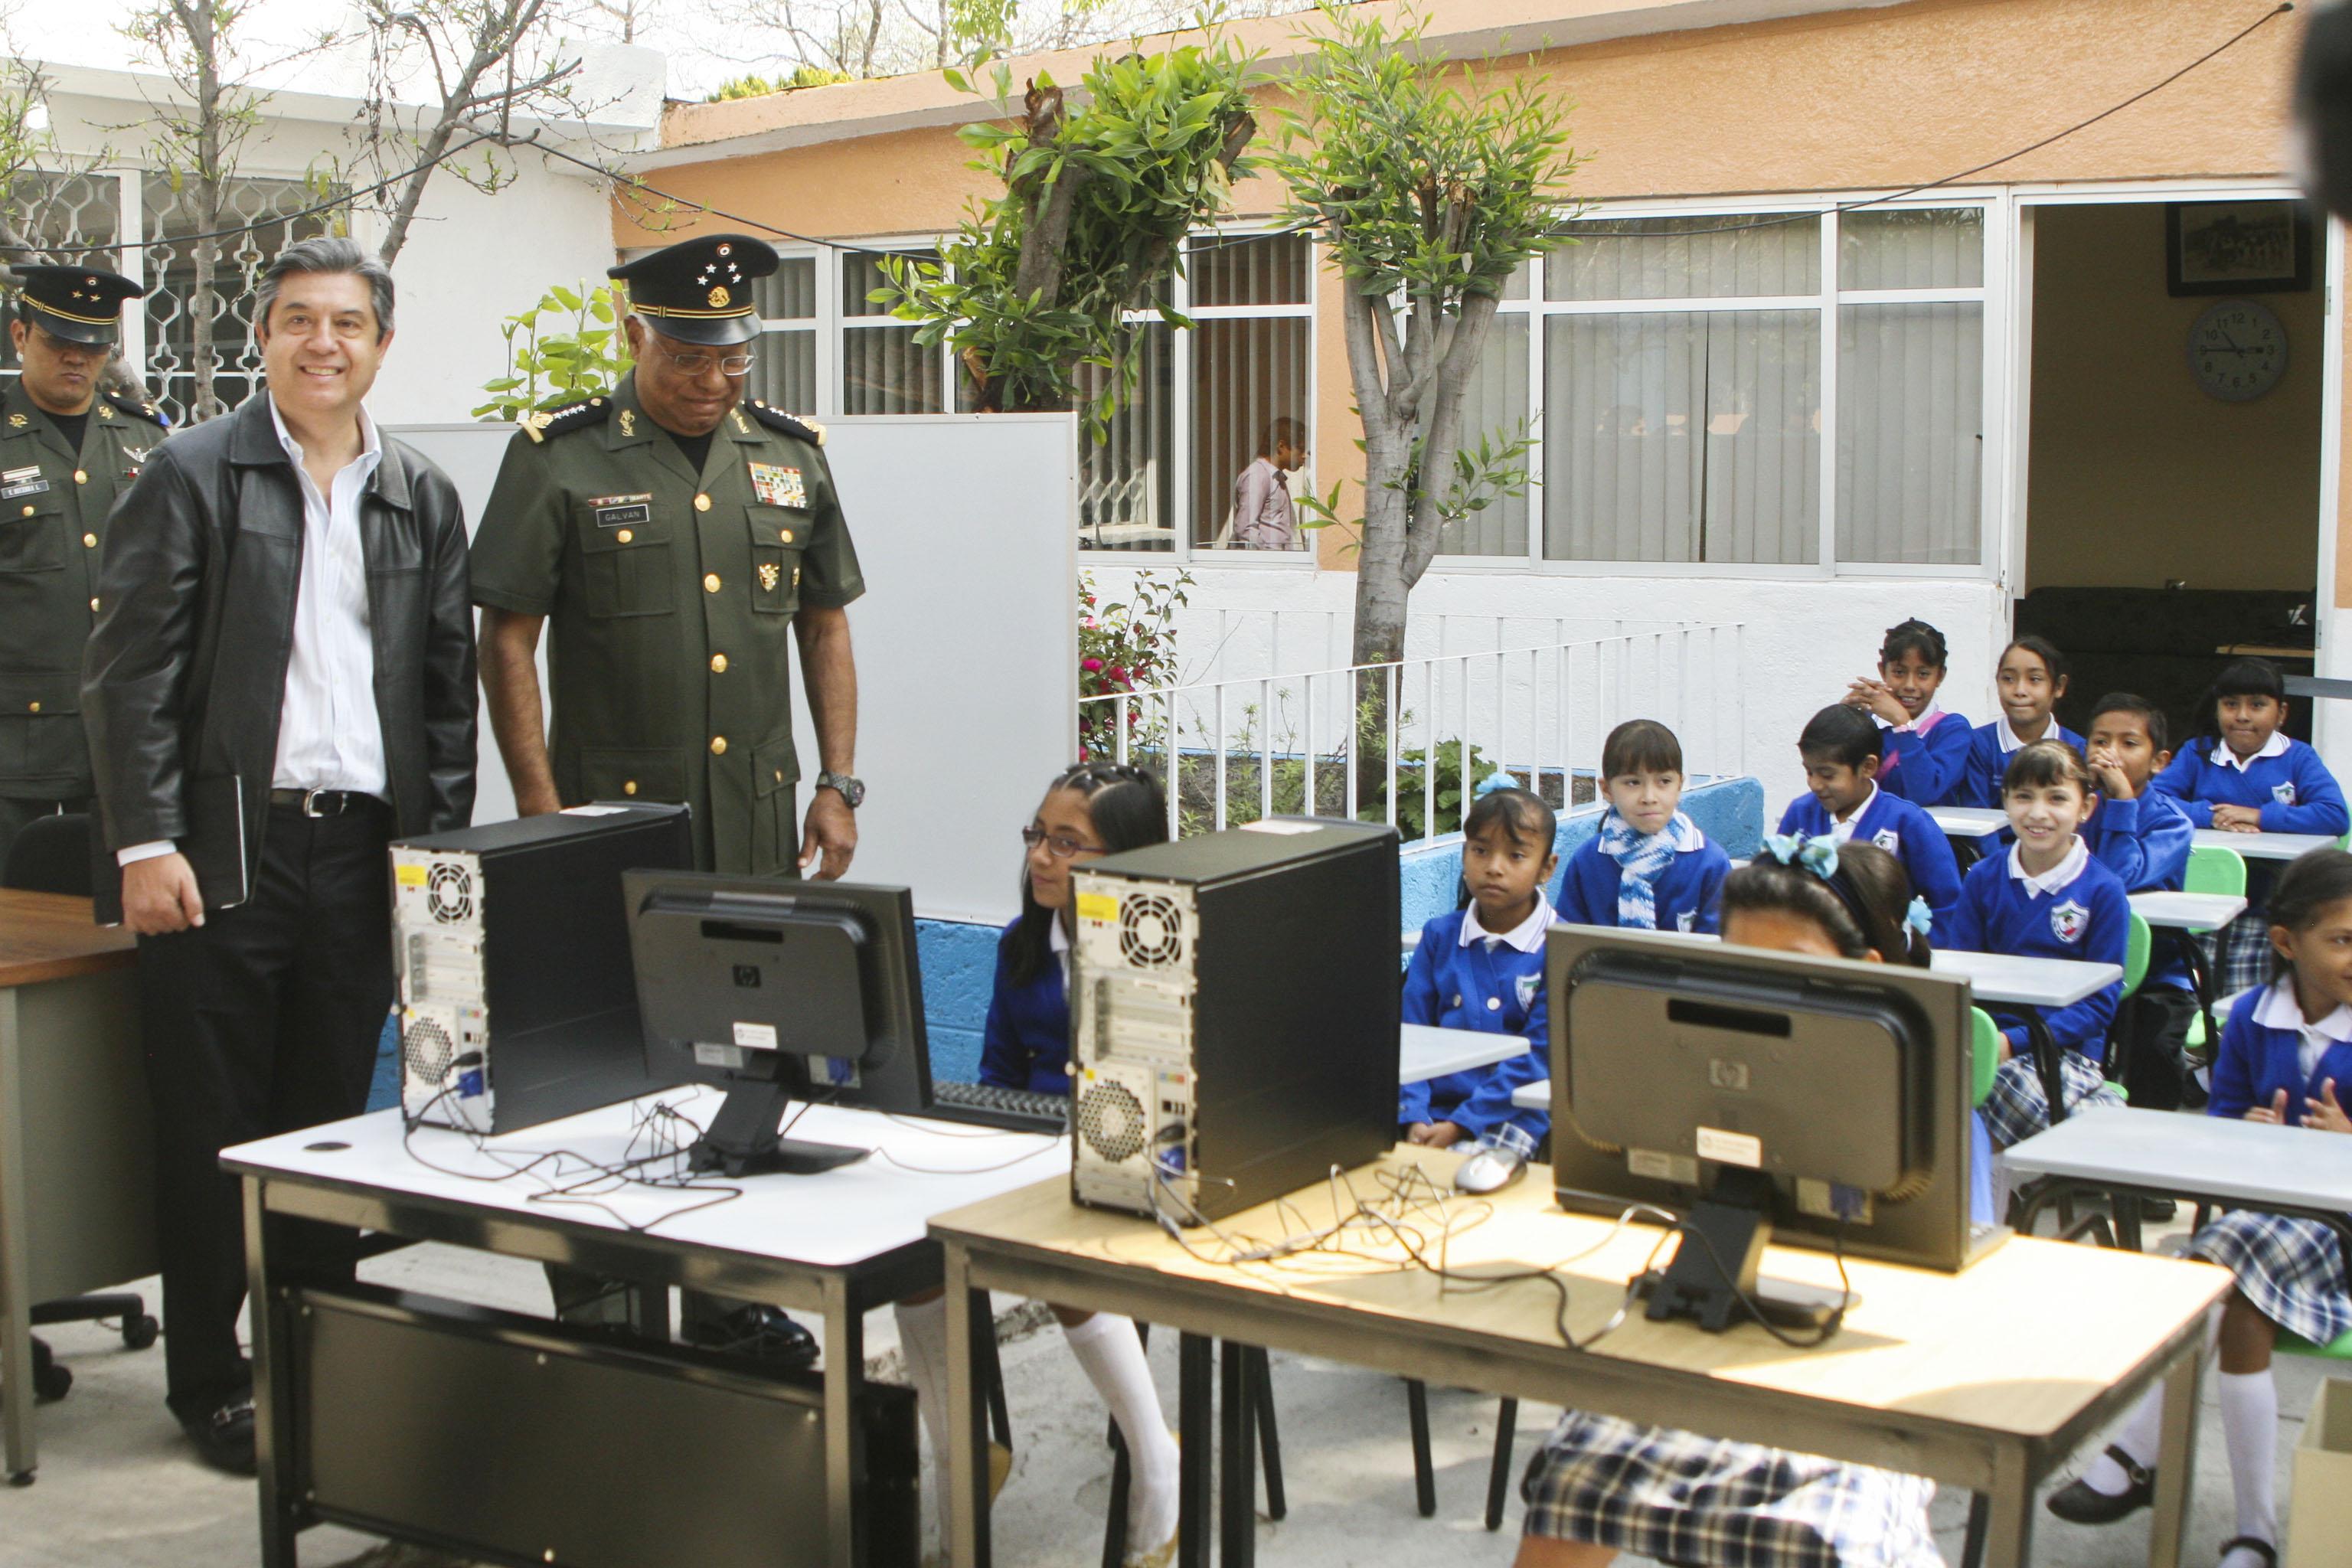 Fundación dona mobiliario a primaria de la Zona Militar